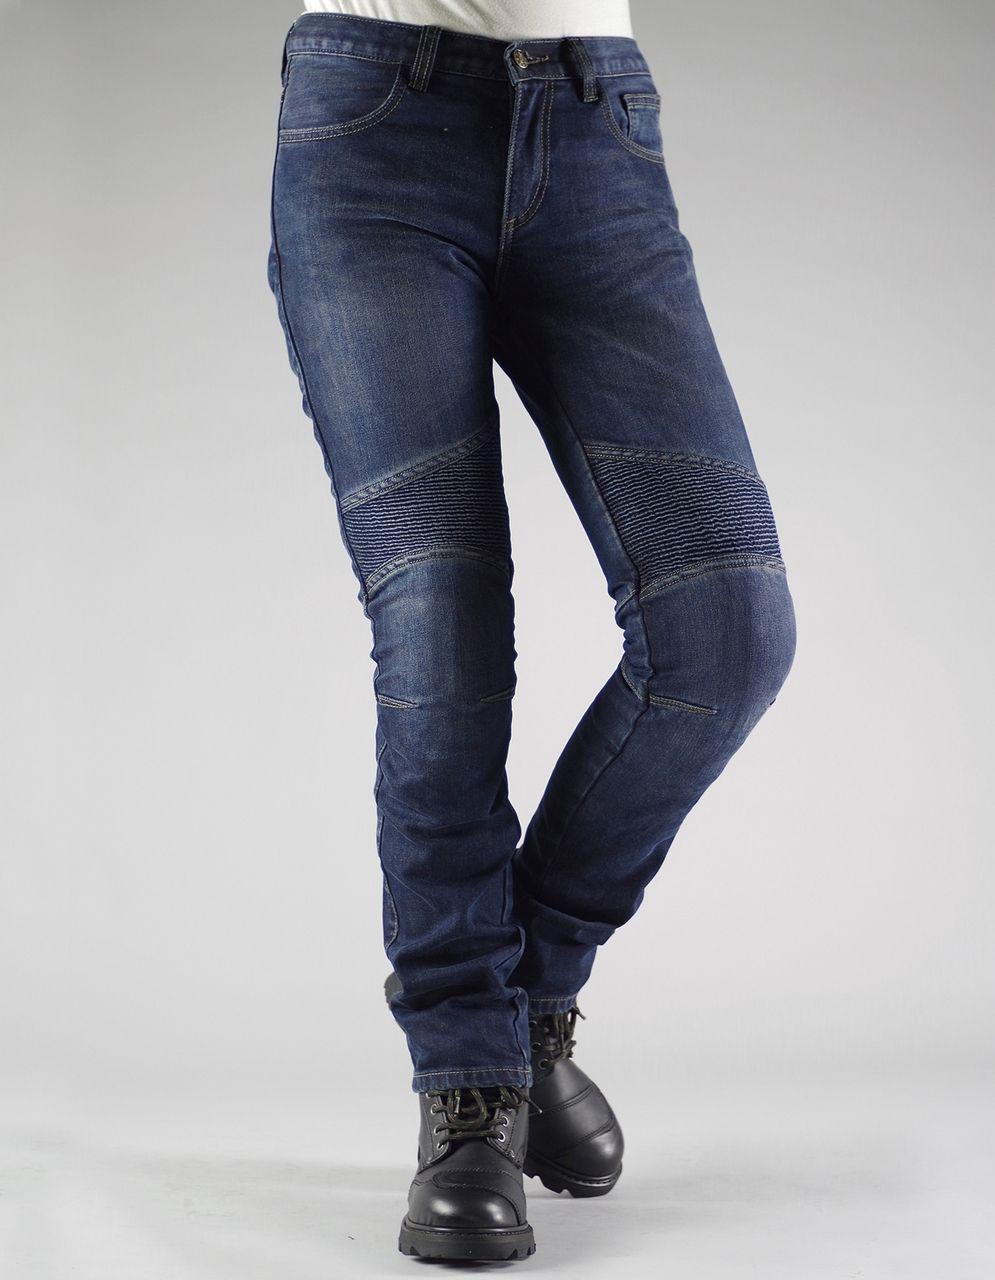 komine wj 730s super fit kevlar jeans leichte damen 07 730. Black Bedroom Furniture Sets. Home Design Ideas